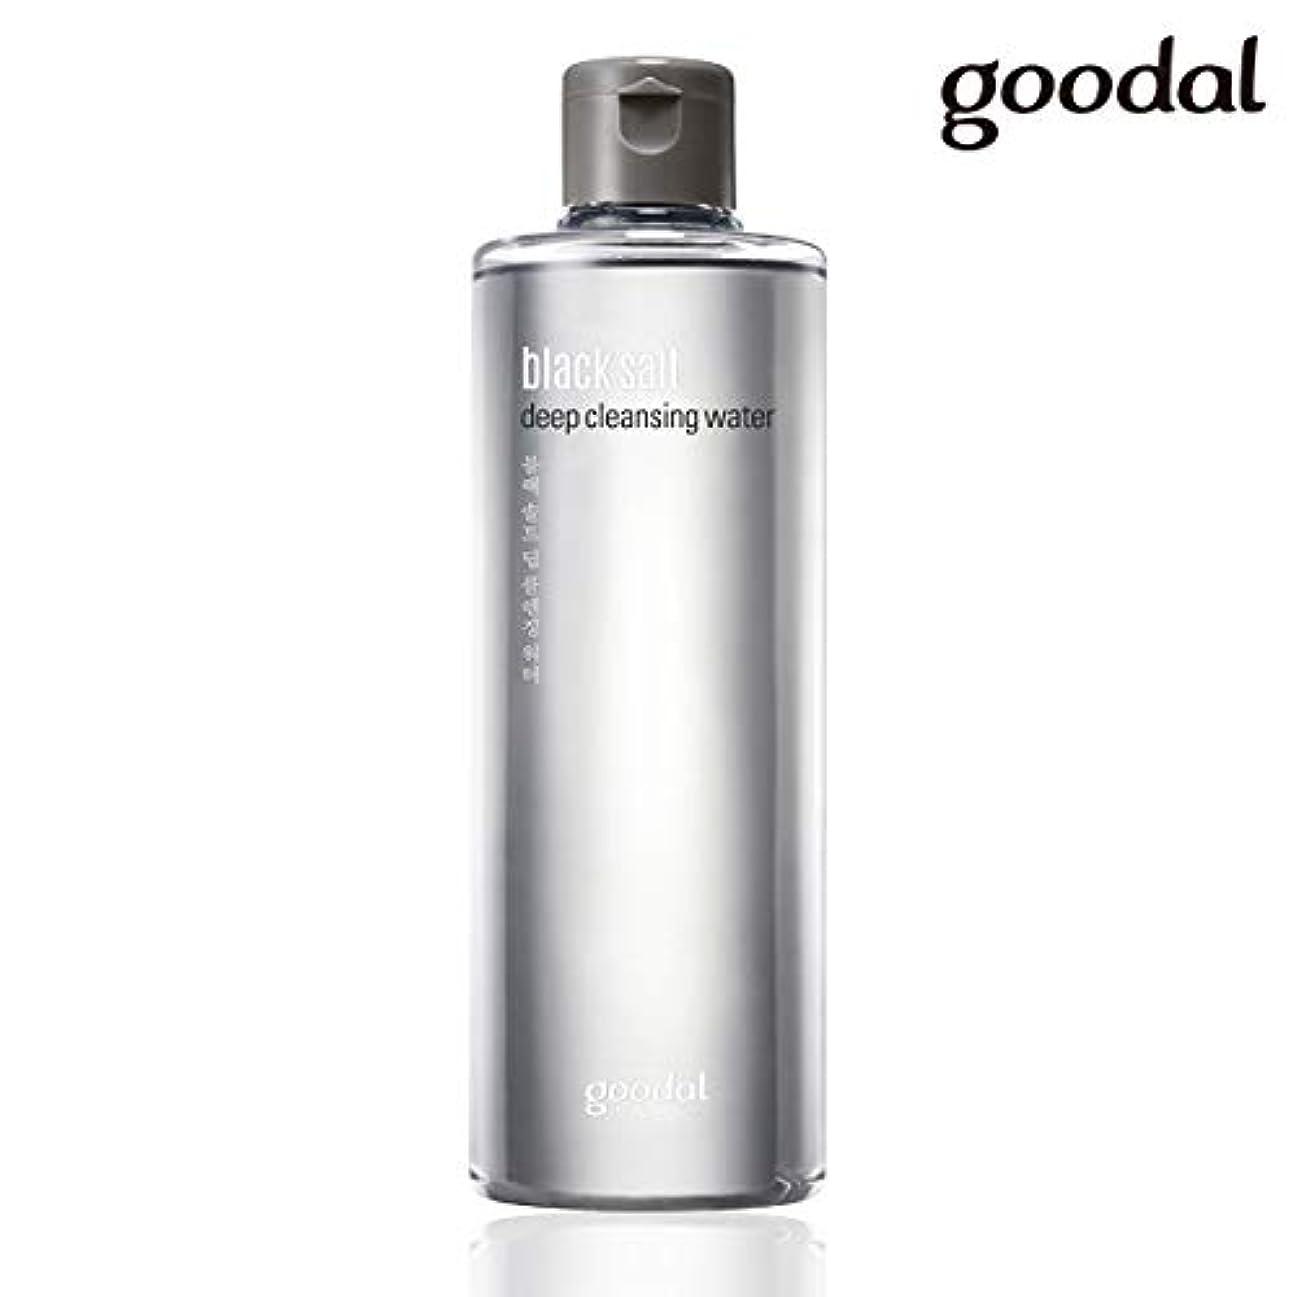 式達成するブルグーダル ブラックソルトディープクレンジングウォーター goodal black salt deep cleansing water 300ml [並行輸入品]